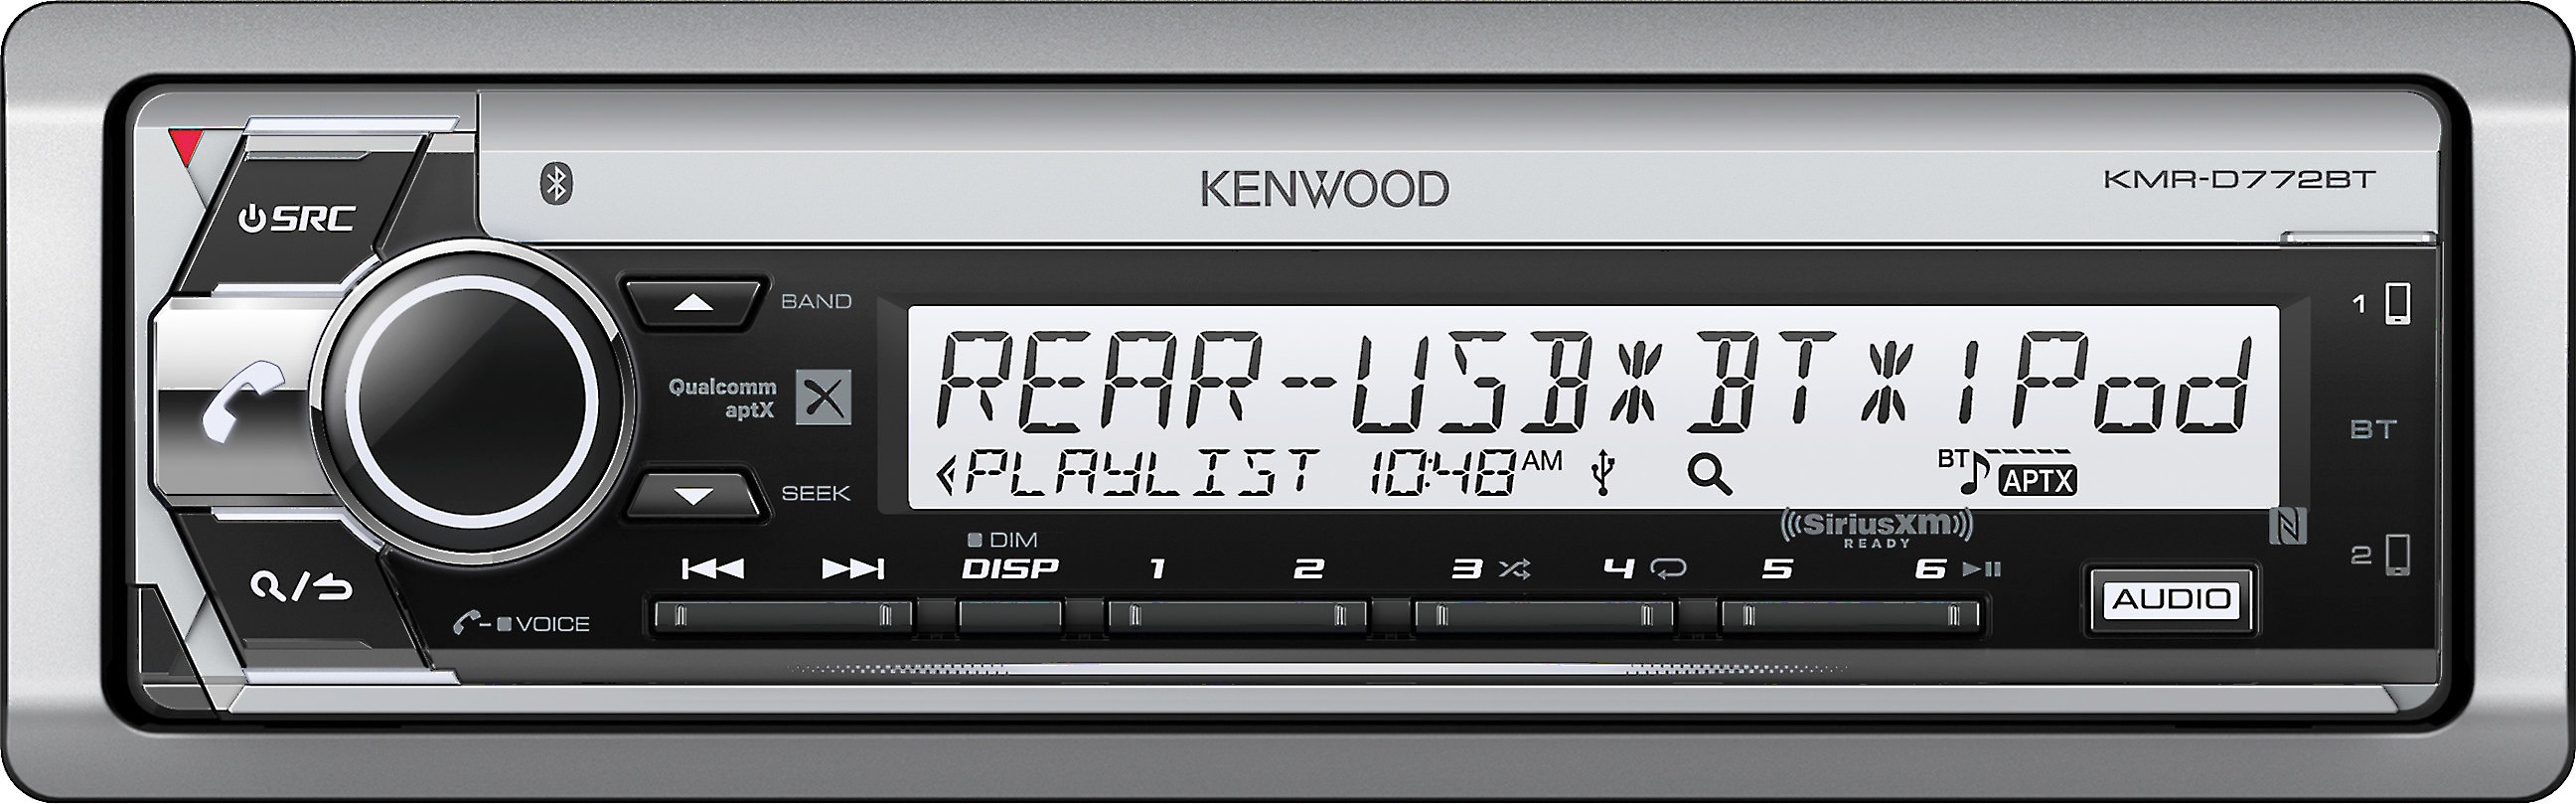 Kenwood KMR-D772BT